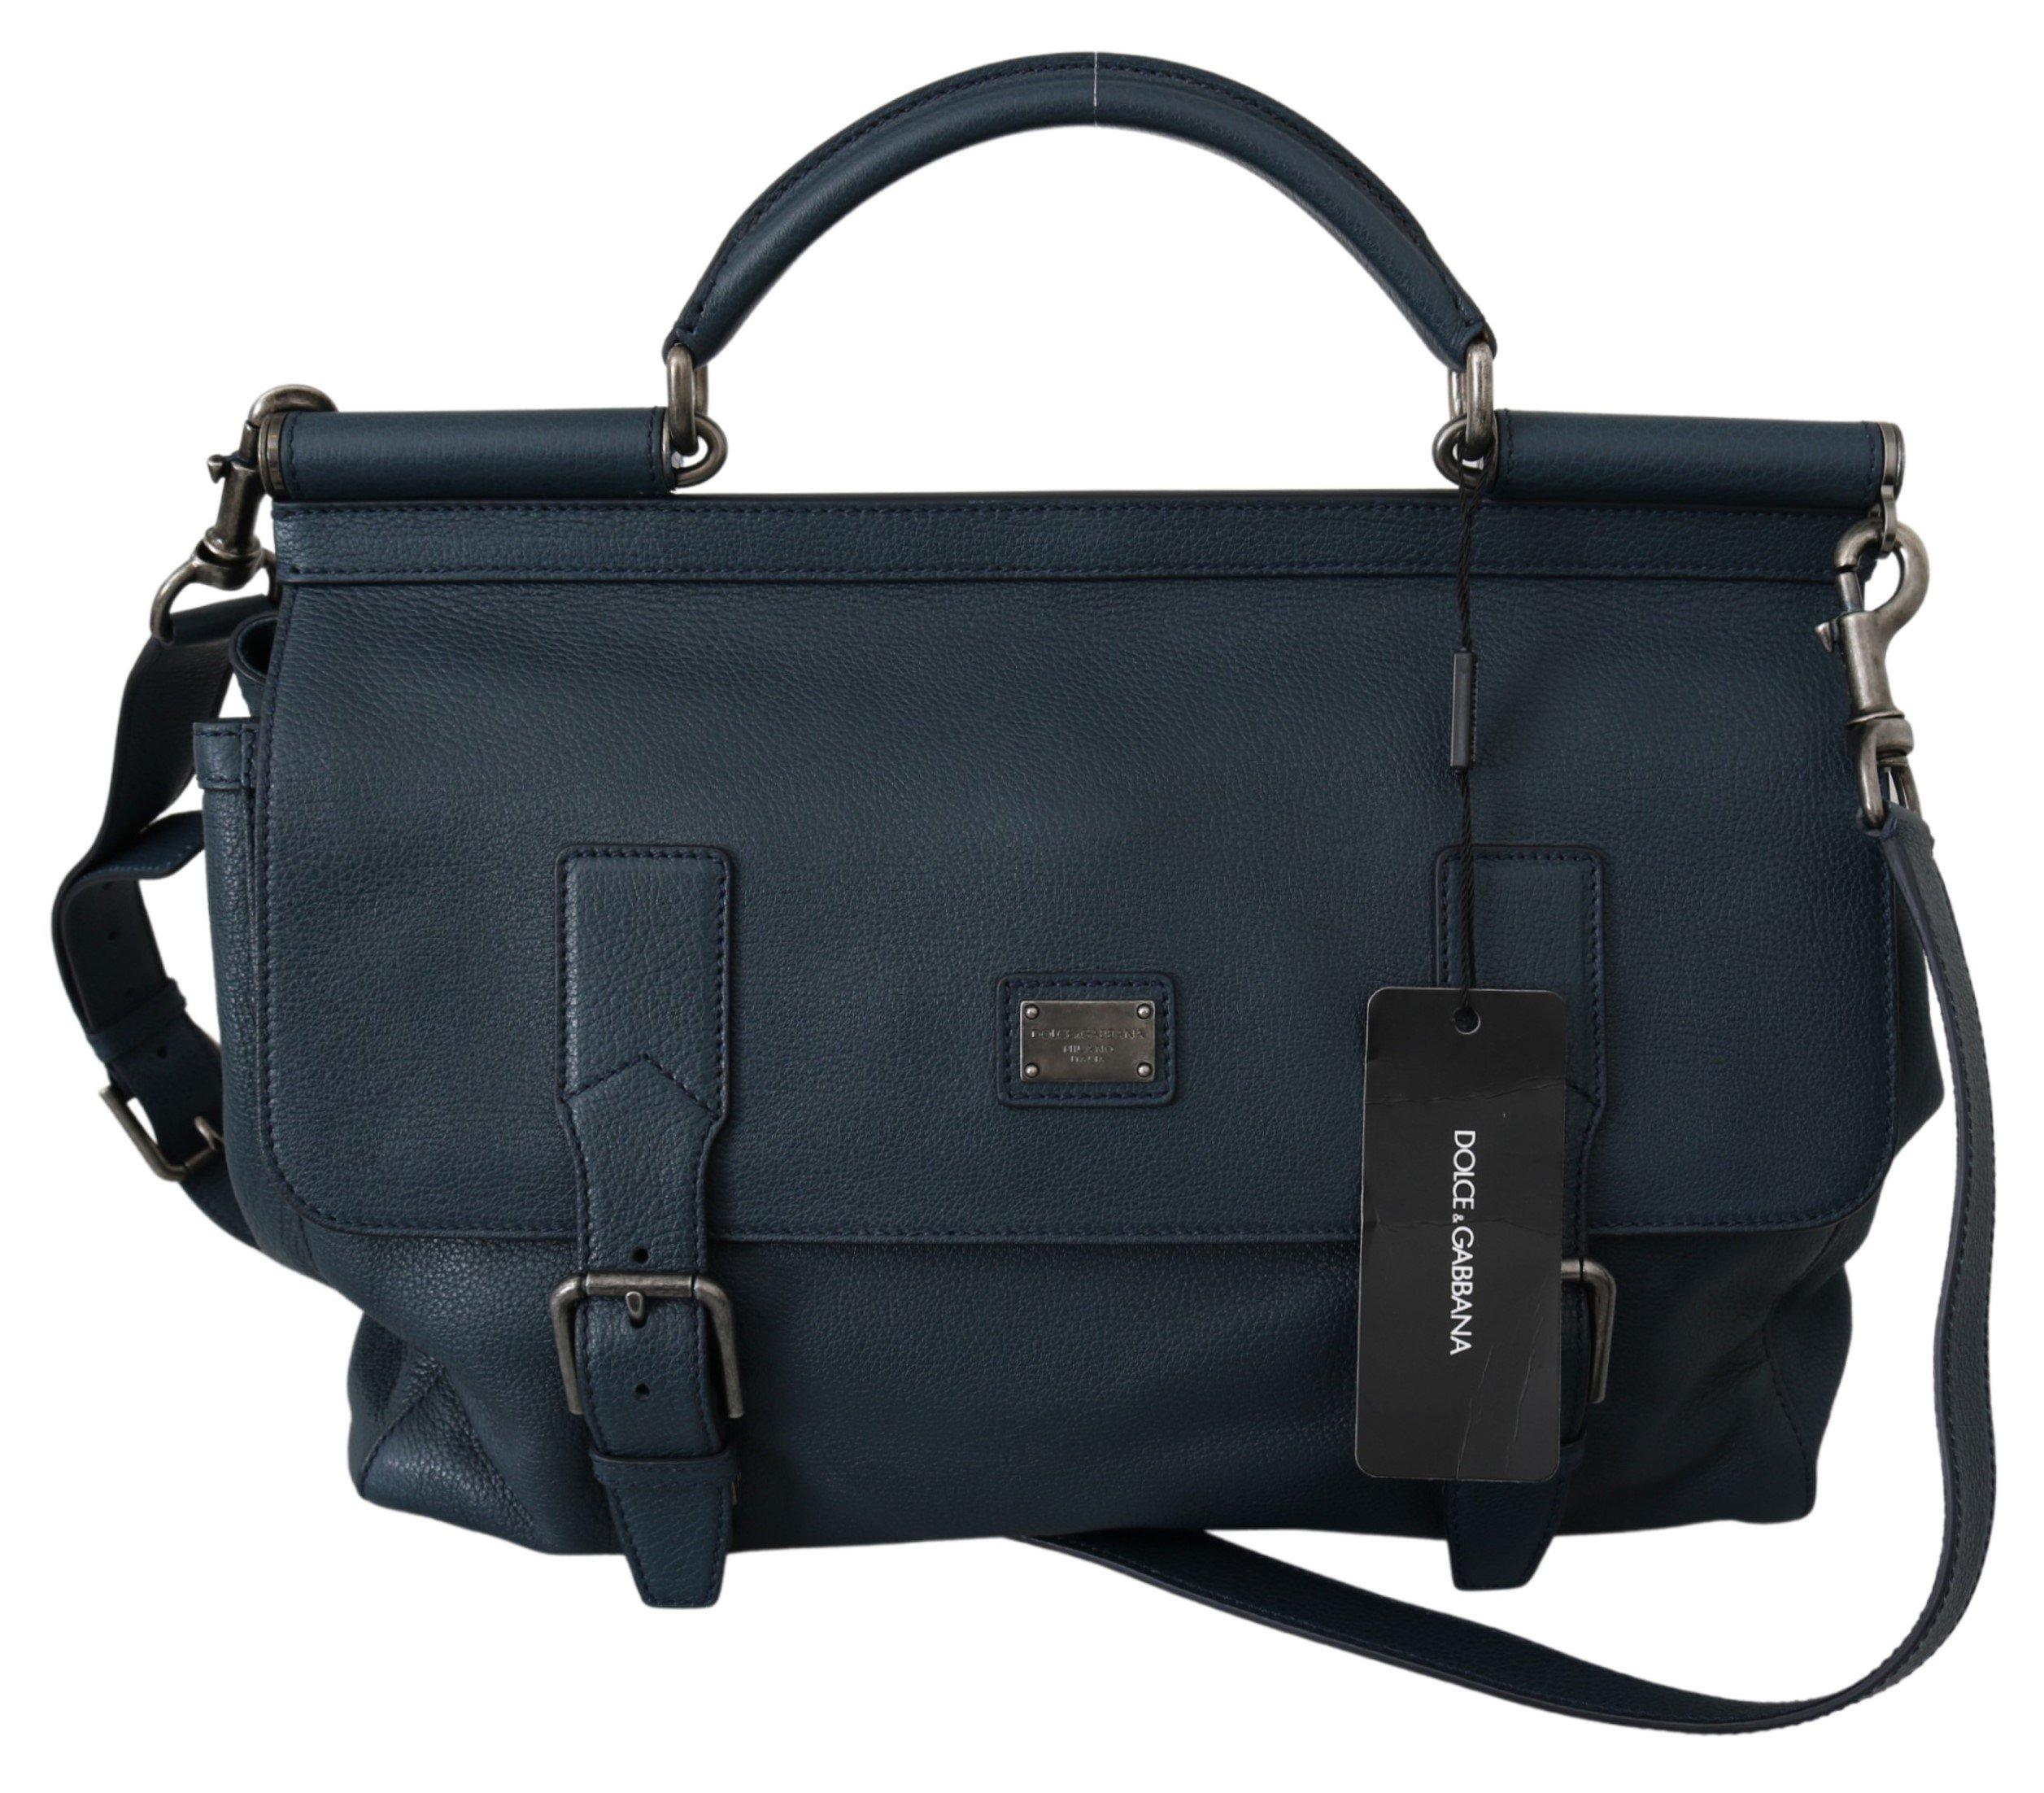 Dolce & Gabbana Men's Shoulder Strap Leather Travel Bag Blue VAS10051